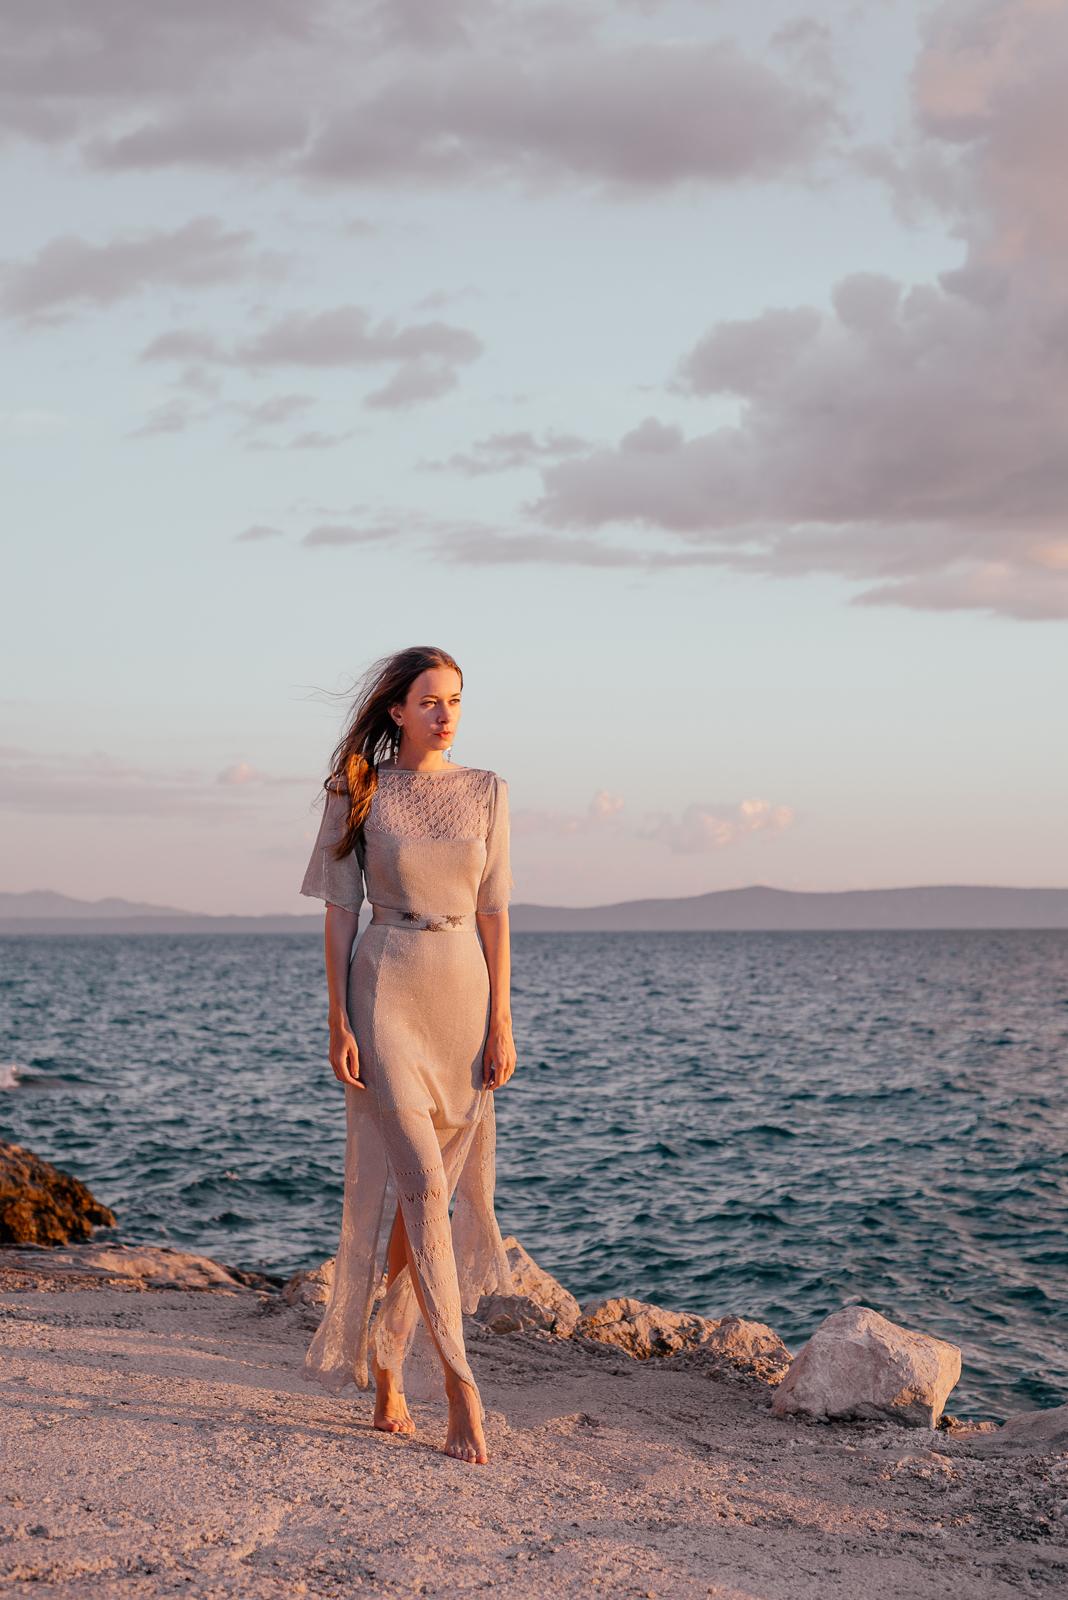 закат море красивый пейзаж красивое платье свадебное свадьба на пляже